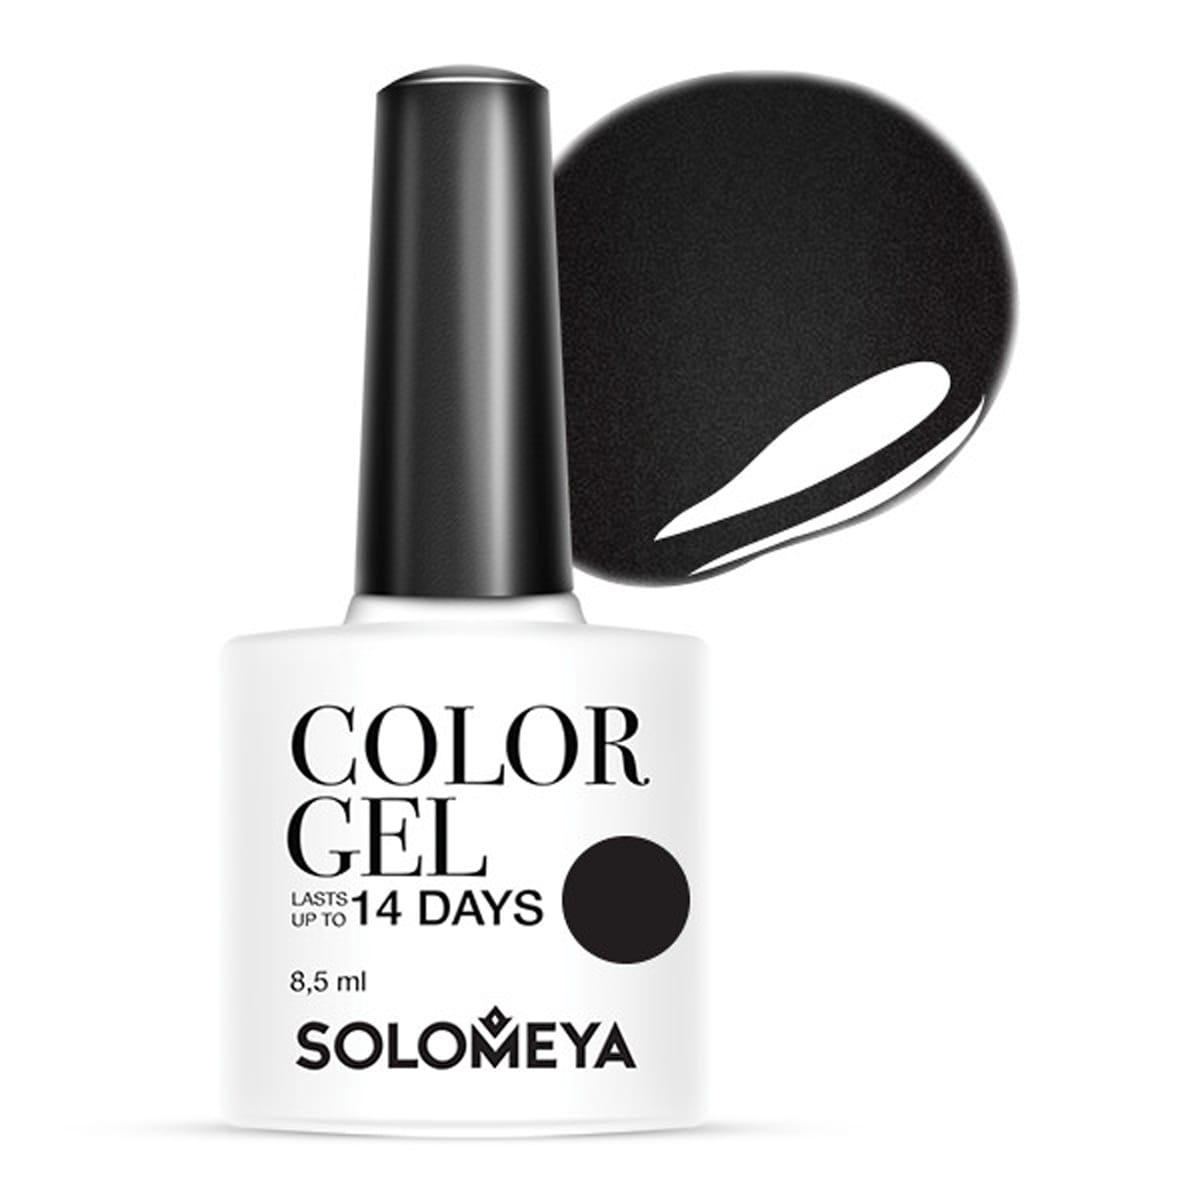 SOLOMEYA Гель-лак для ногтей SCG003 Идеально черный / Color Gel Perfectly Black 8,5 мл